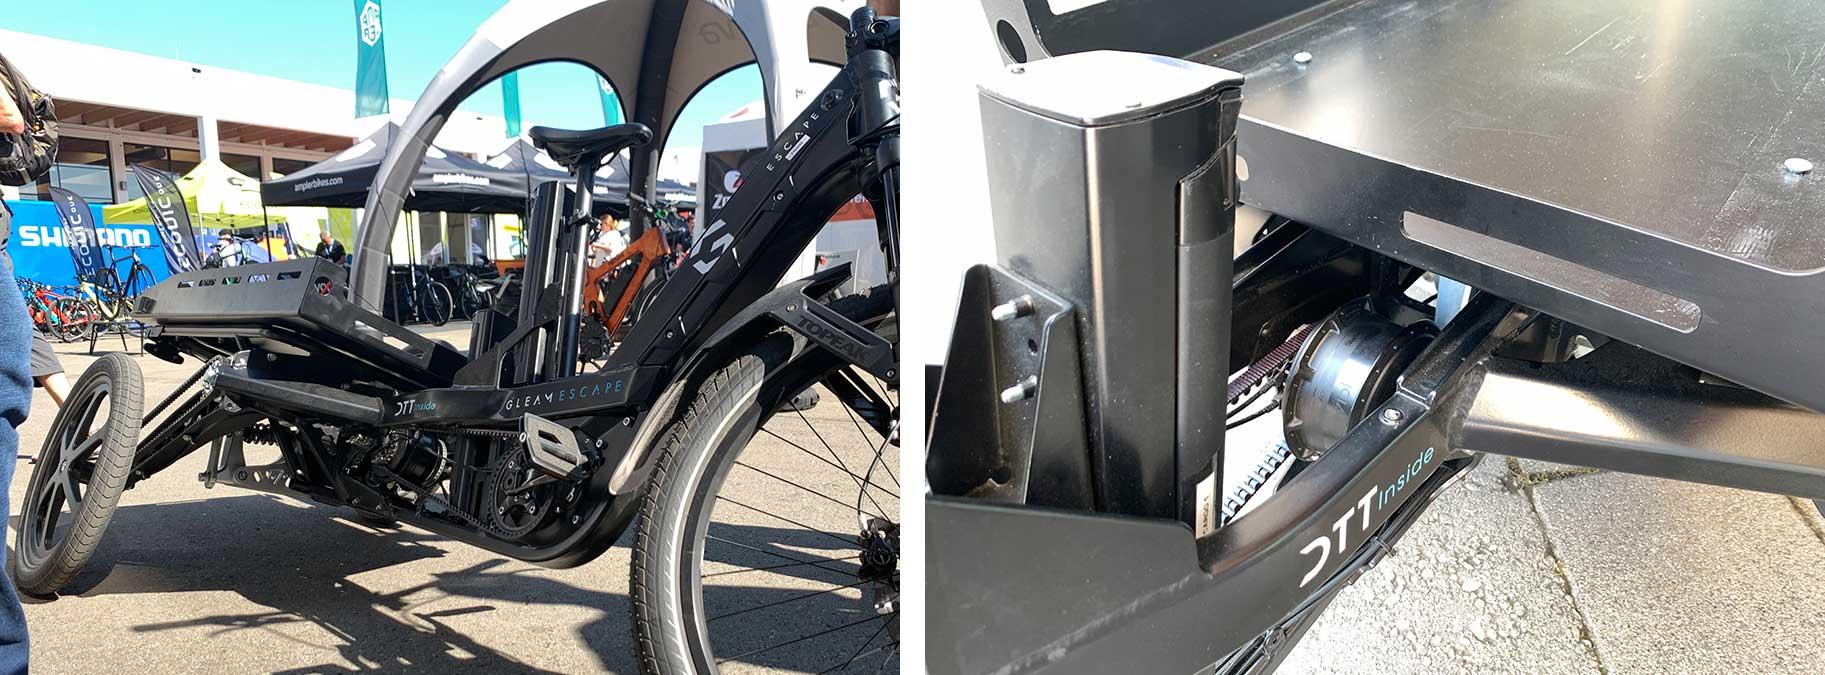 lesklý nákladový trik s kloubovým zadním odpružením pro naklonění kol do zatáčky